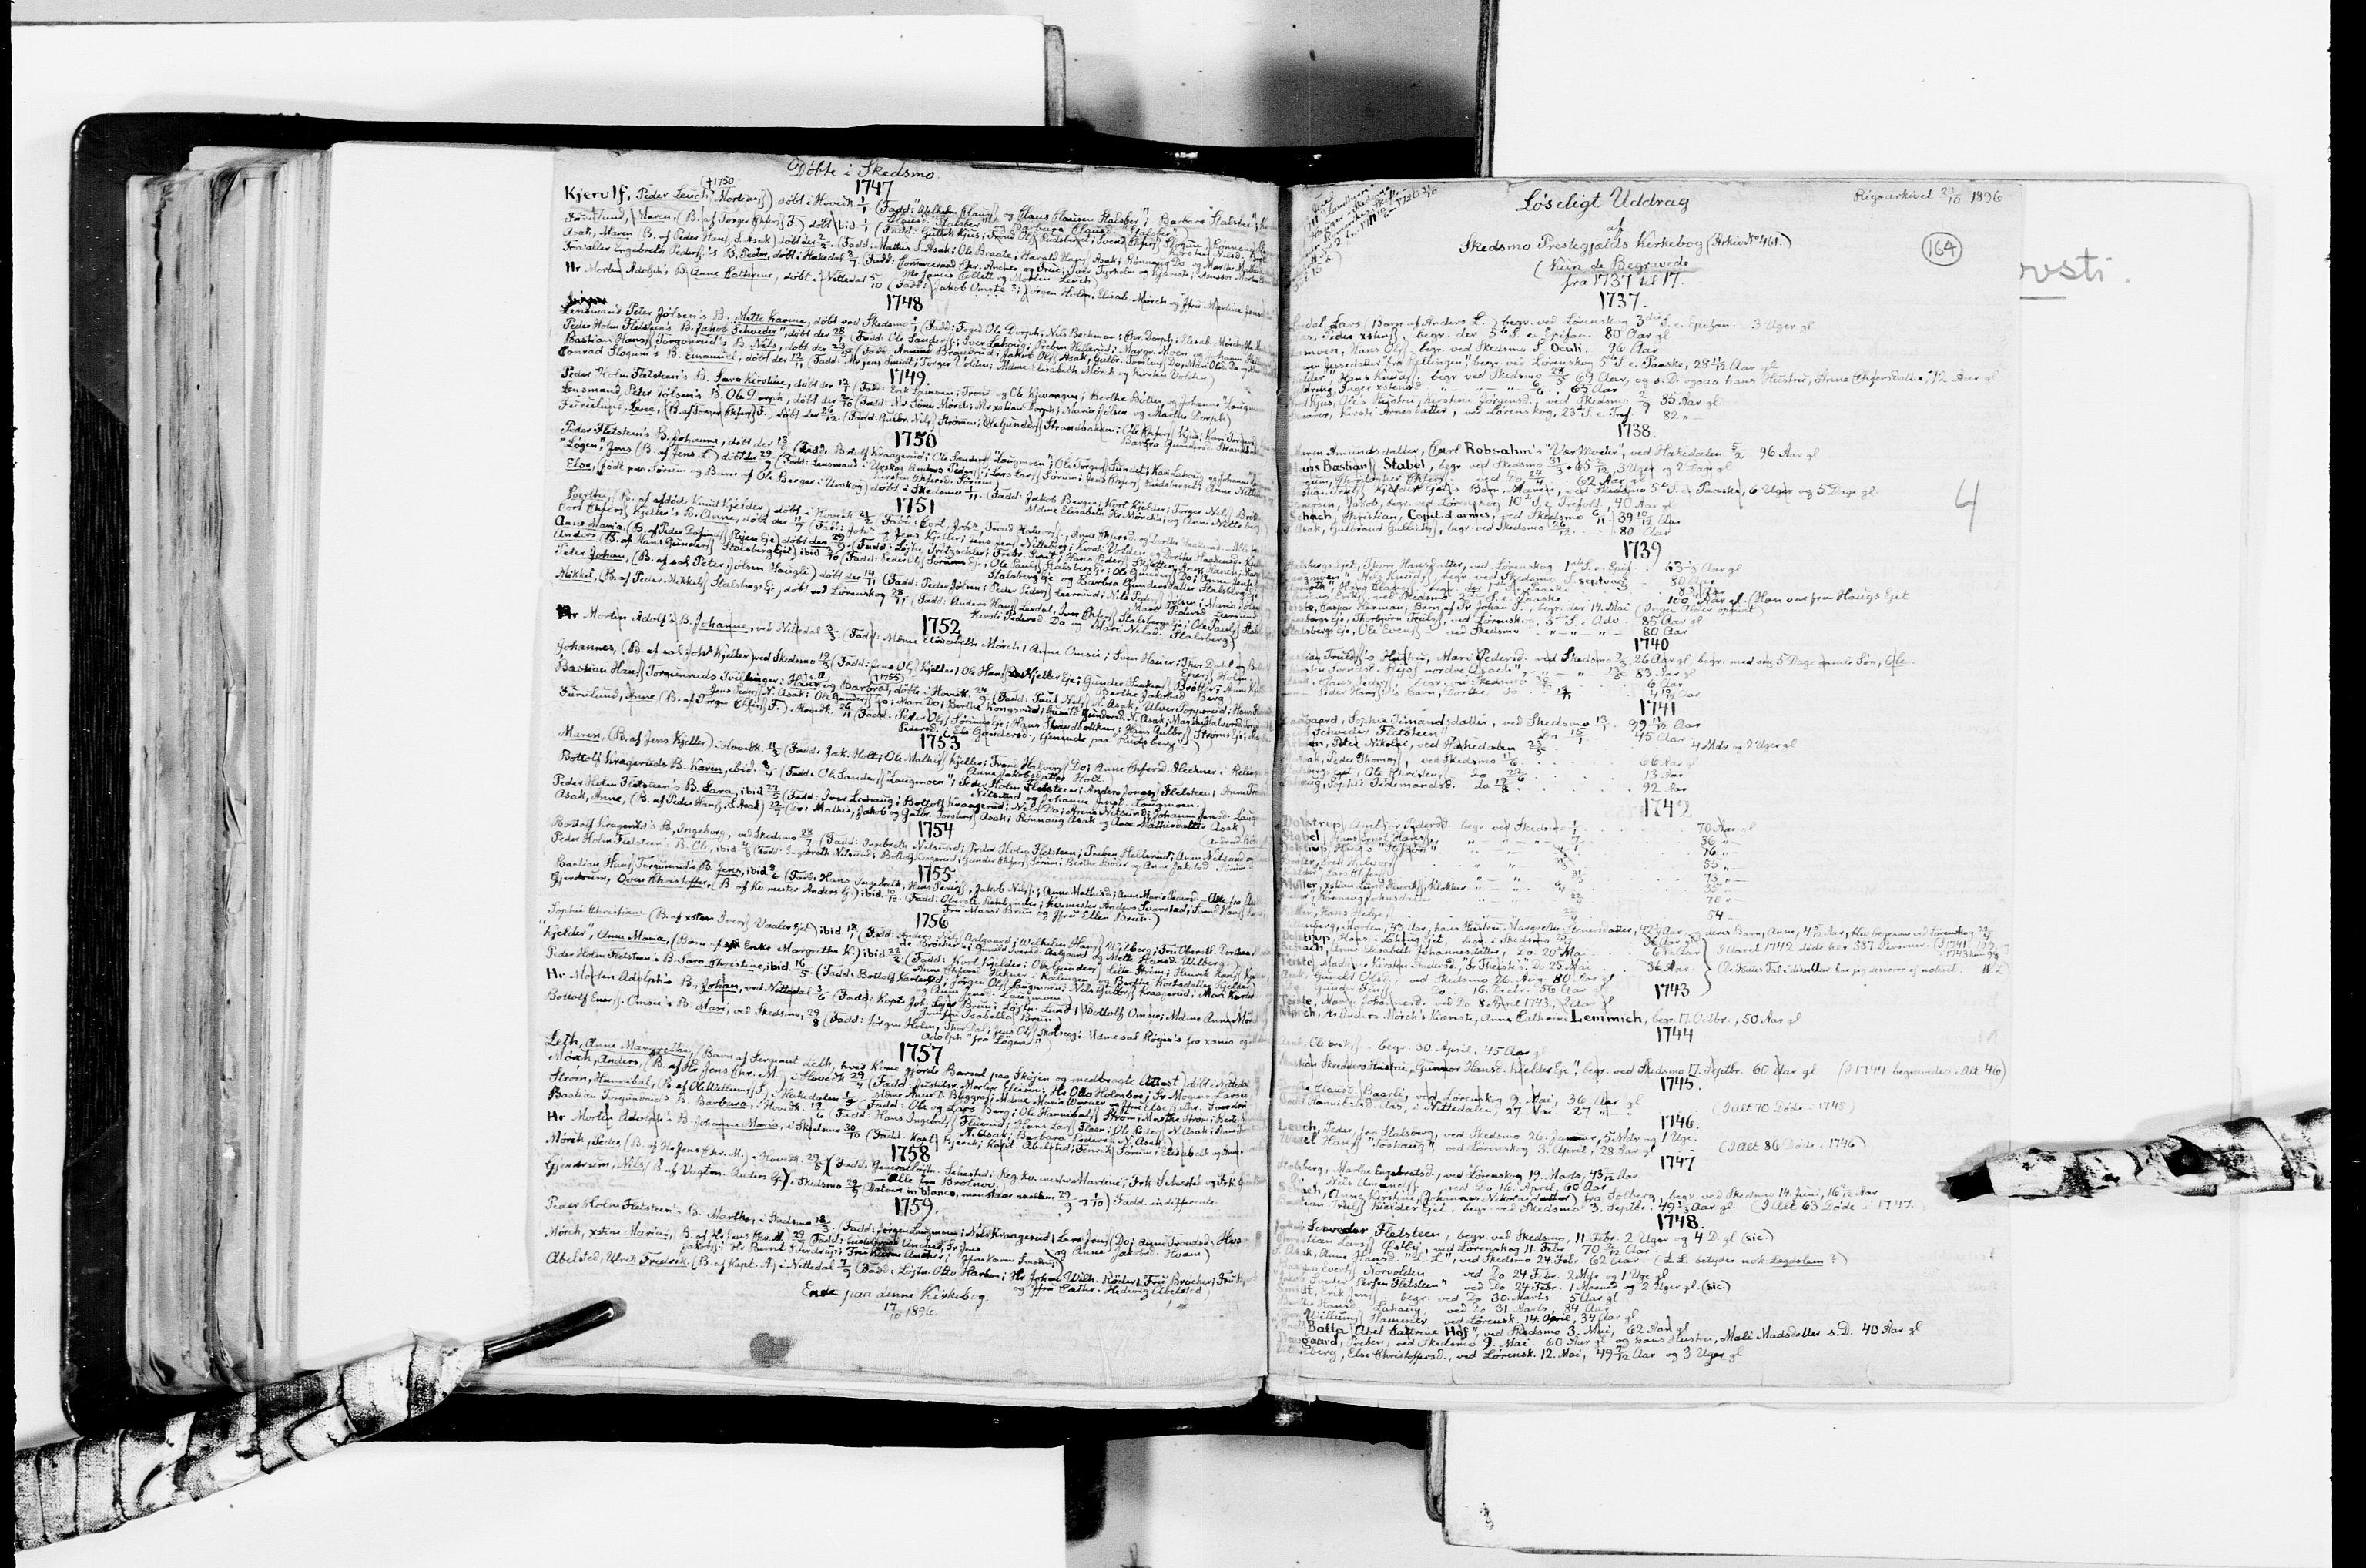 RA, Lassens samlinger, F/Fc, s. 164